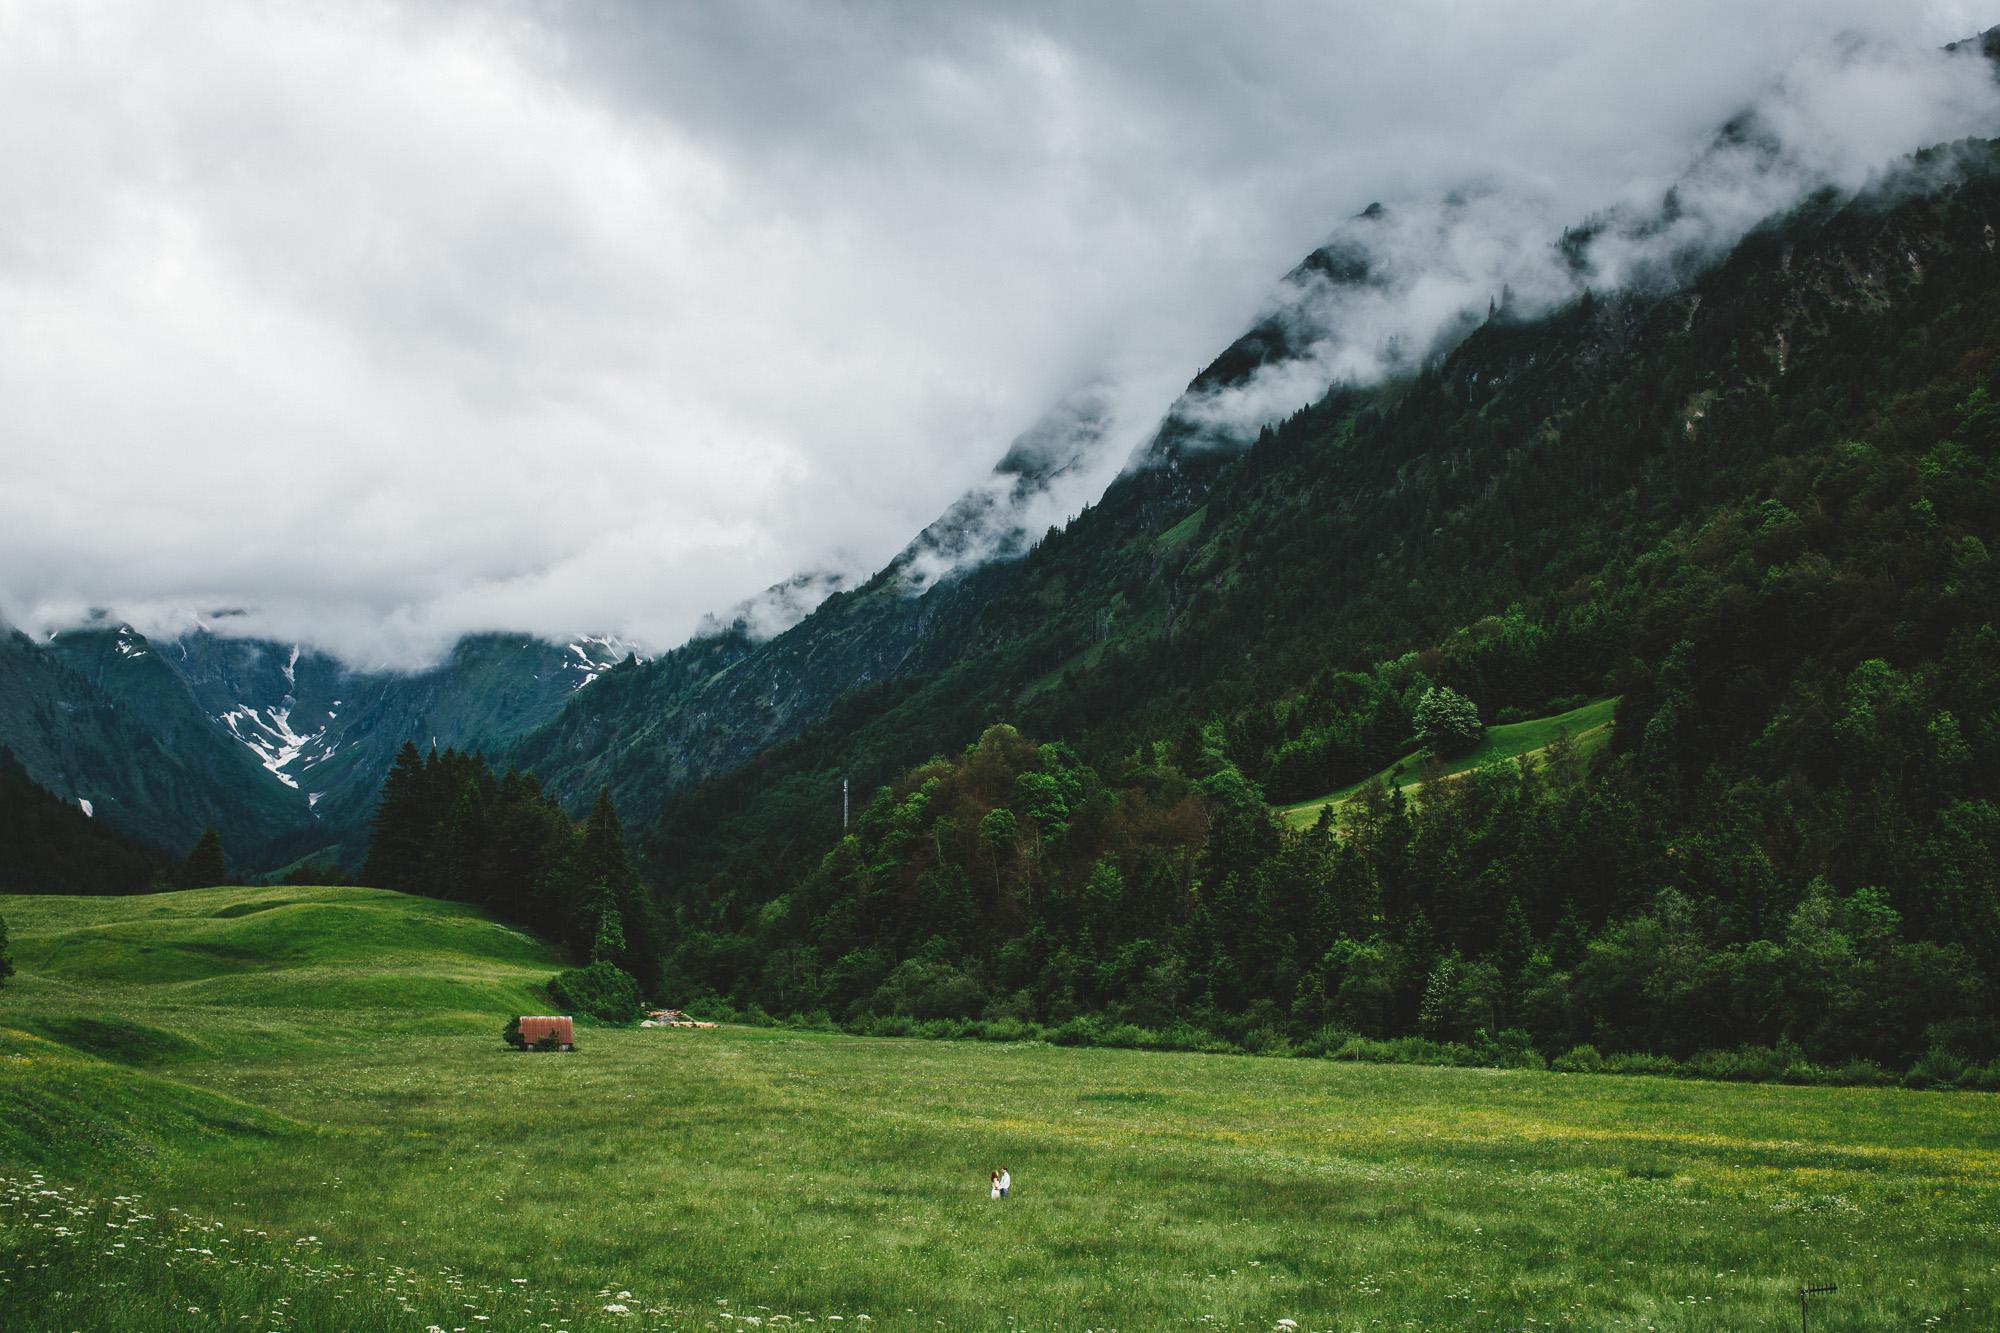 svea und keve 232 - Nur zu zweit in den Bergen